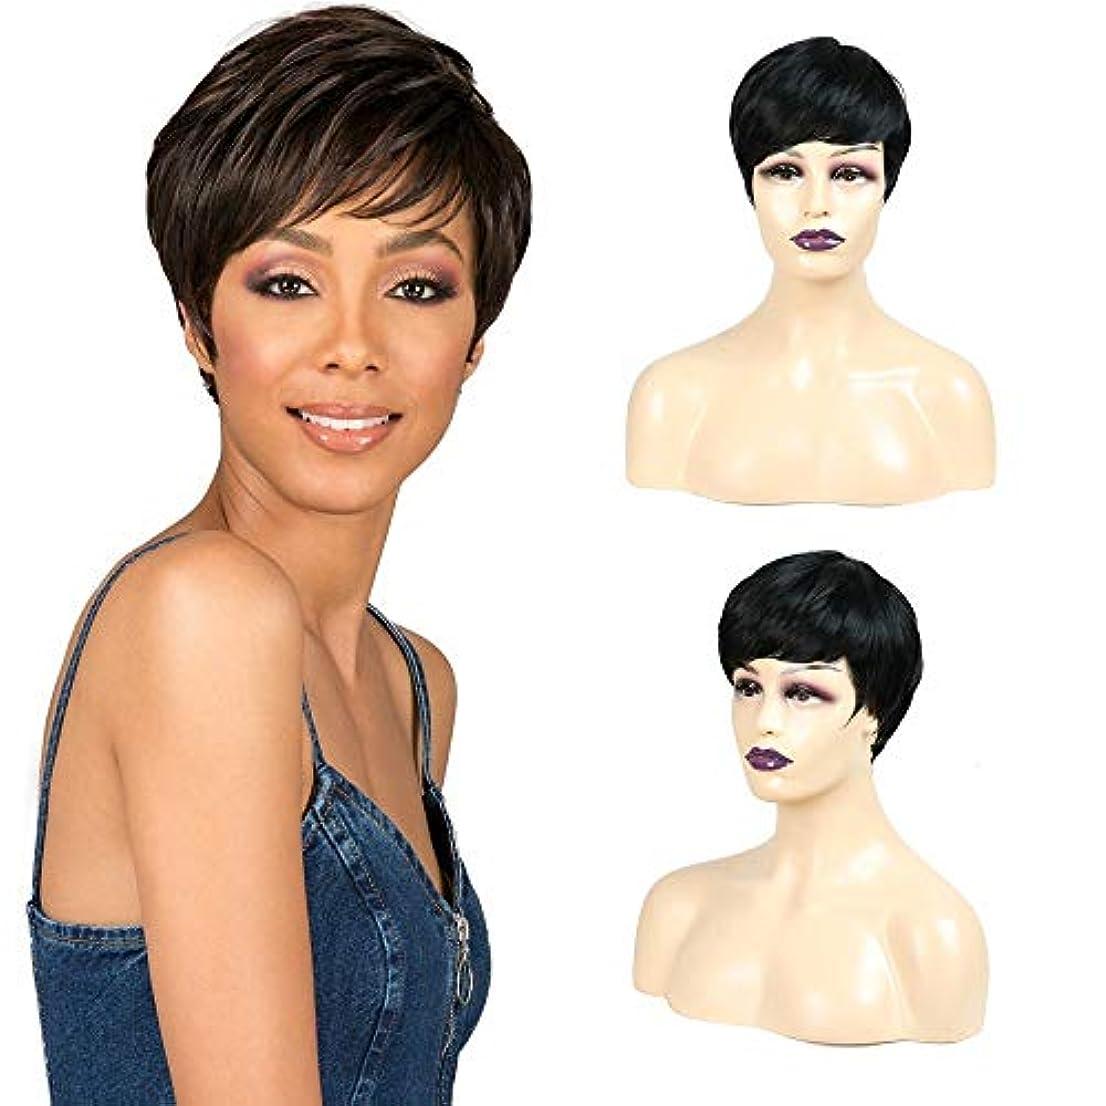 たっぷり締め切りどうしたのMayalina レディースショートストレートブラック人工毛ウィッグで上品なボブスタイルサイドパート髪の毎日の服装のかつら (色 : 黒)